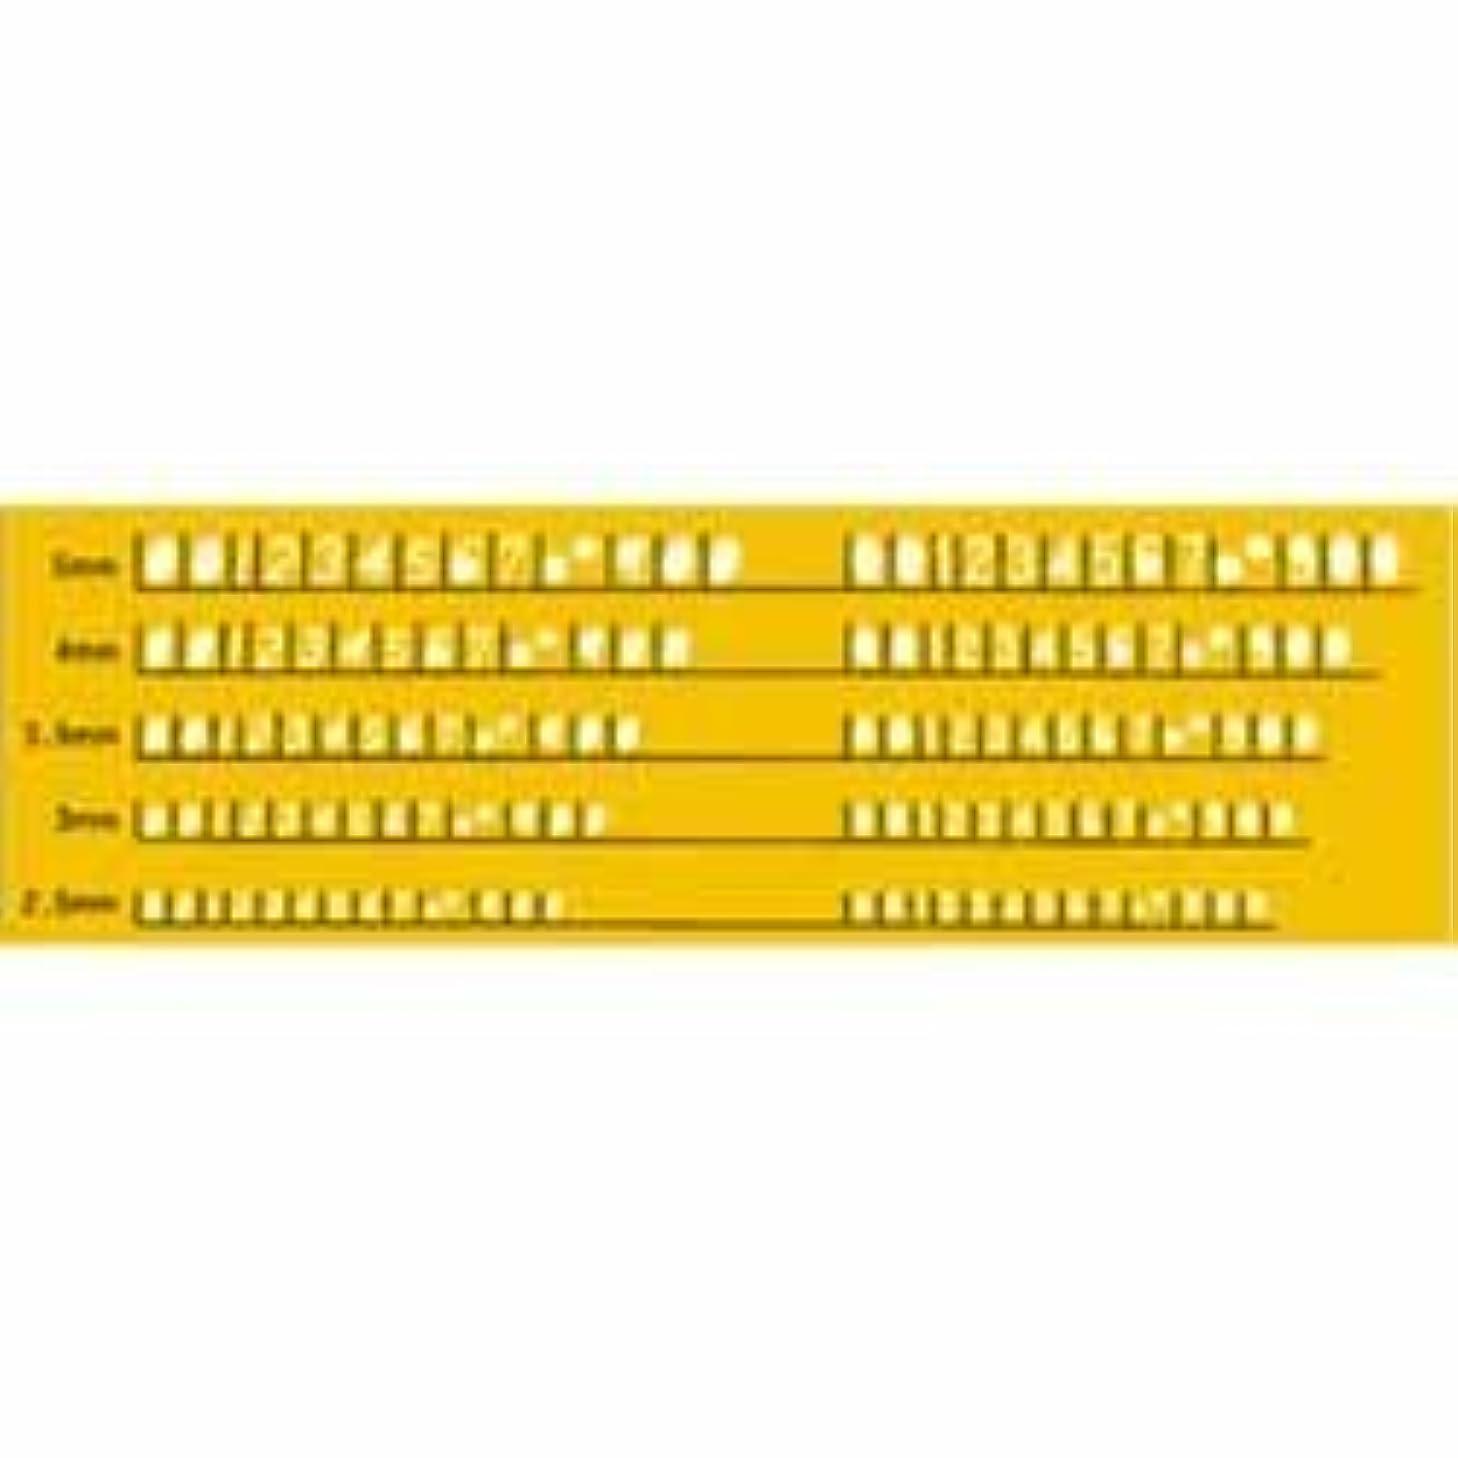 租界質量処方する内田洋行 テンプレート No.42 数字定規 1-843-1042 00958679【まとめ買い3枚セット】